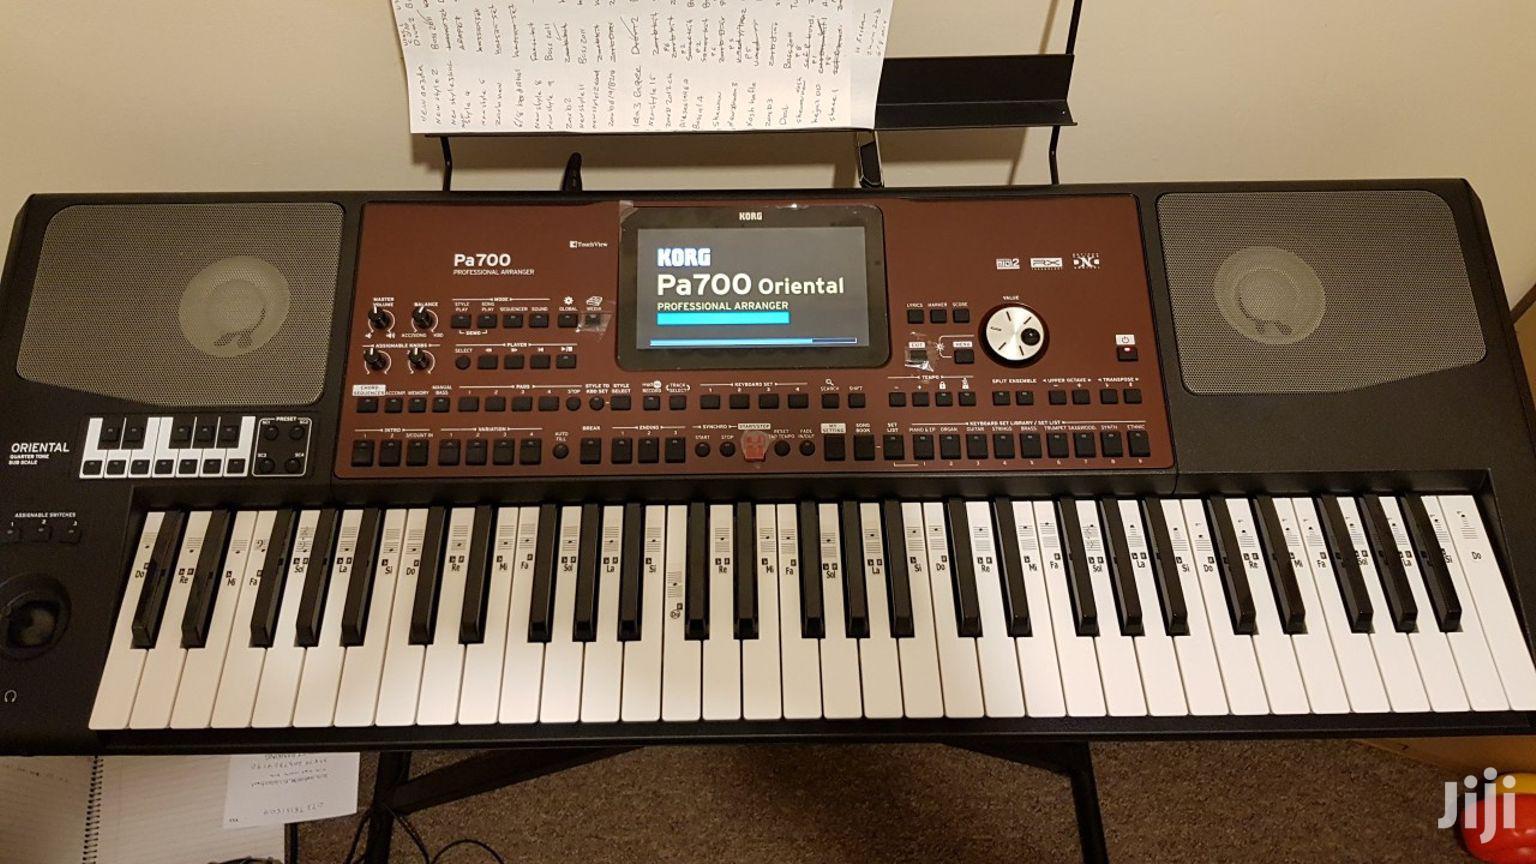 Archive: Pa700 Korg Oriental Keyboard